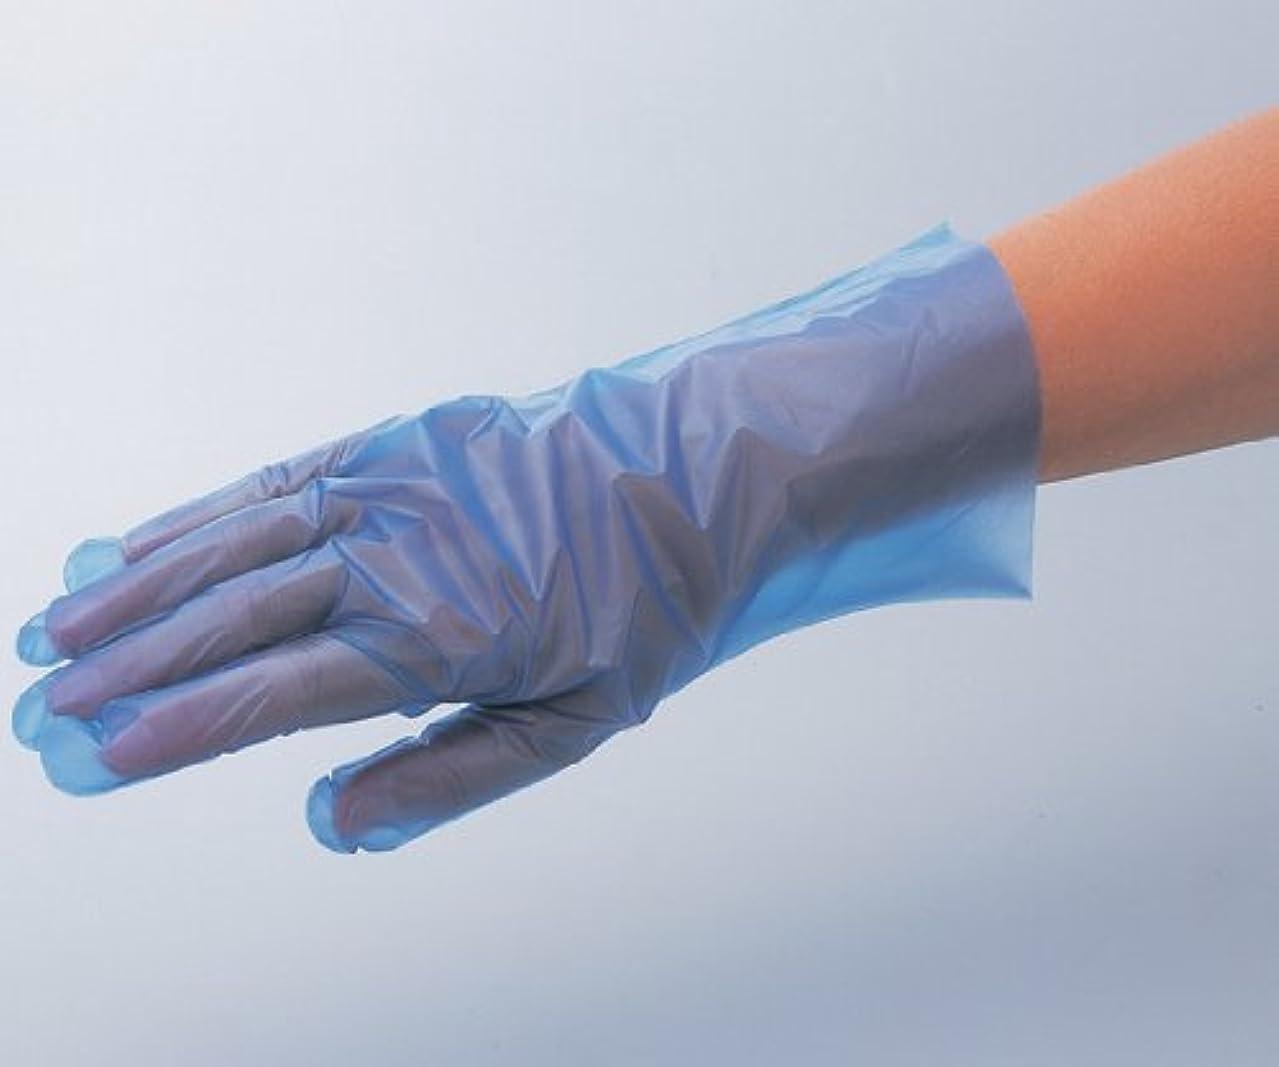 仲良しピッチ投資アズワン6-9730-56サニーノール手袋エコロジーケース販売6000枚入Sブルー